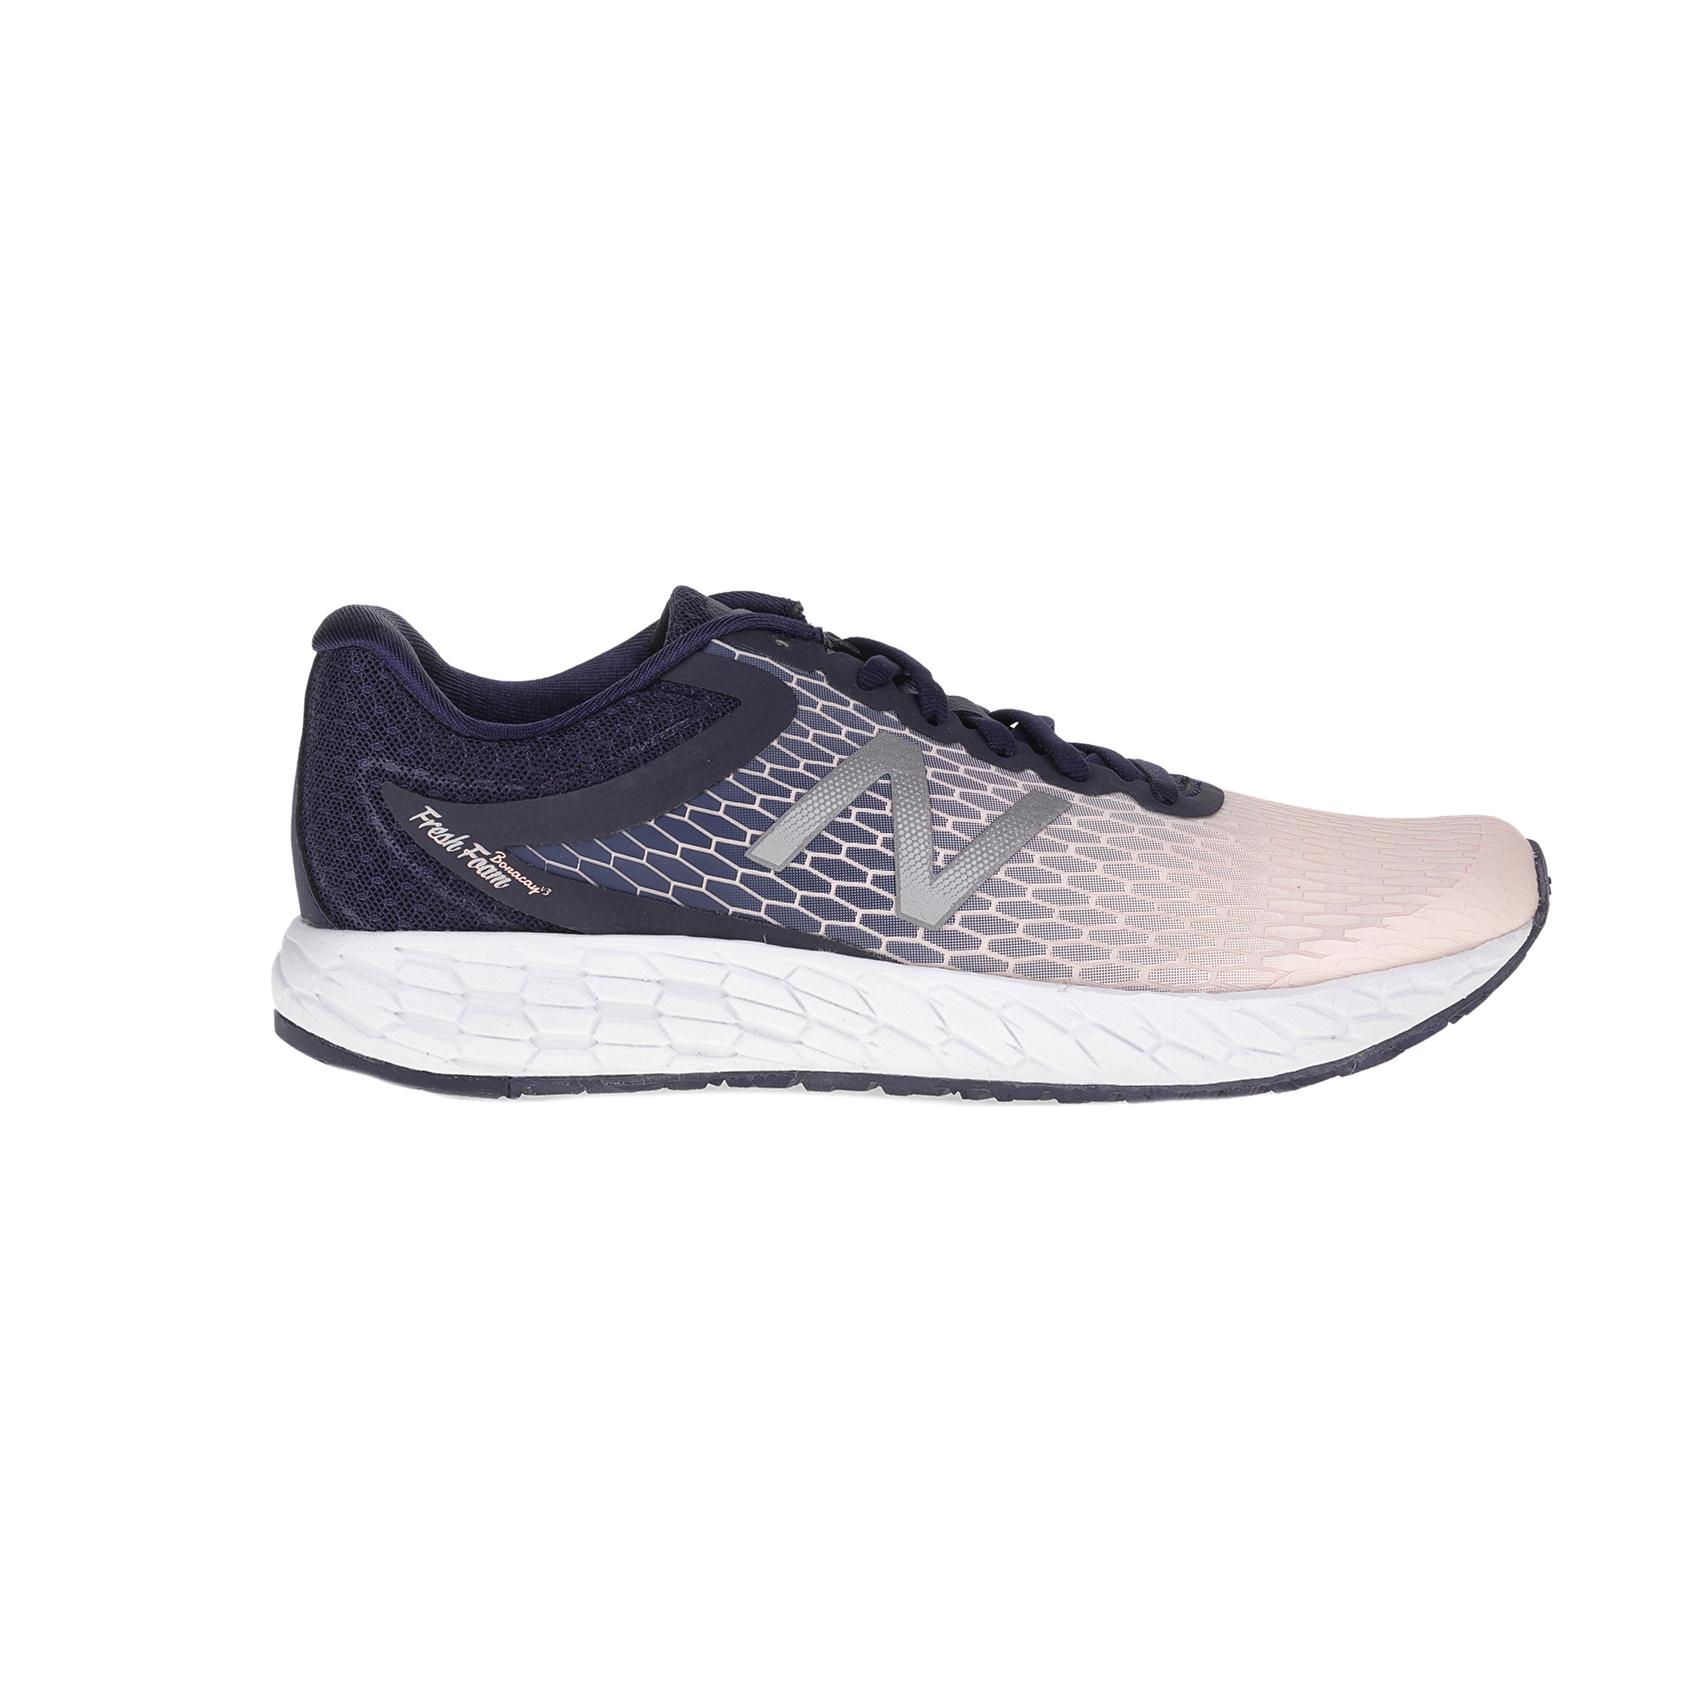 NEW BALANCE – Γυναικεία παπούτσια για τρέξιμο NEW BALANCE μπλε-ροζ